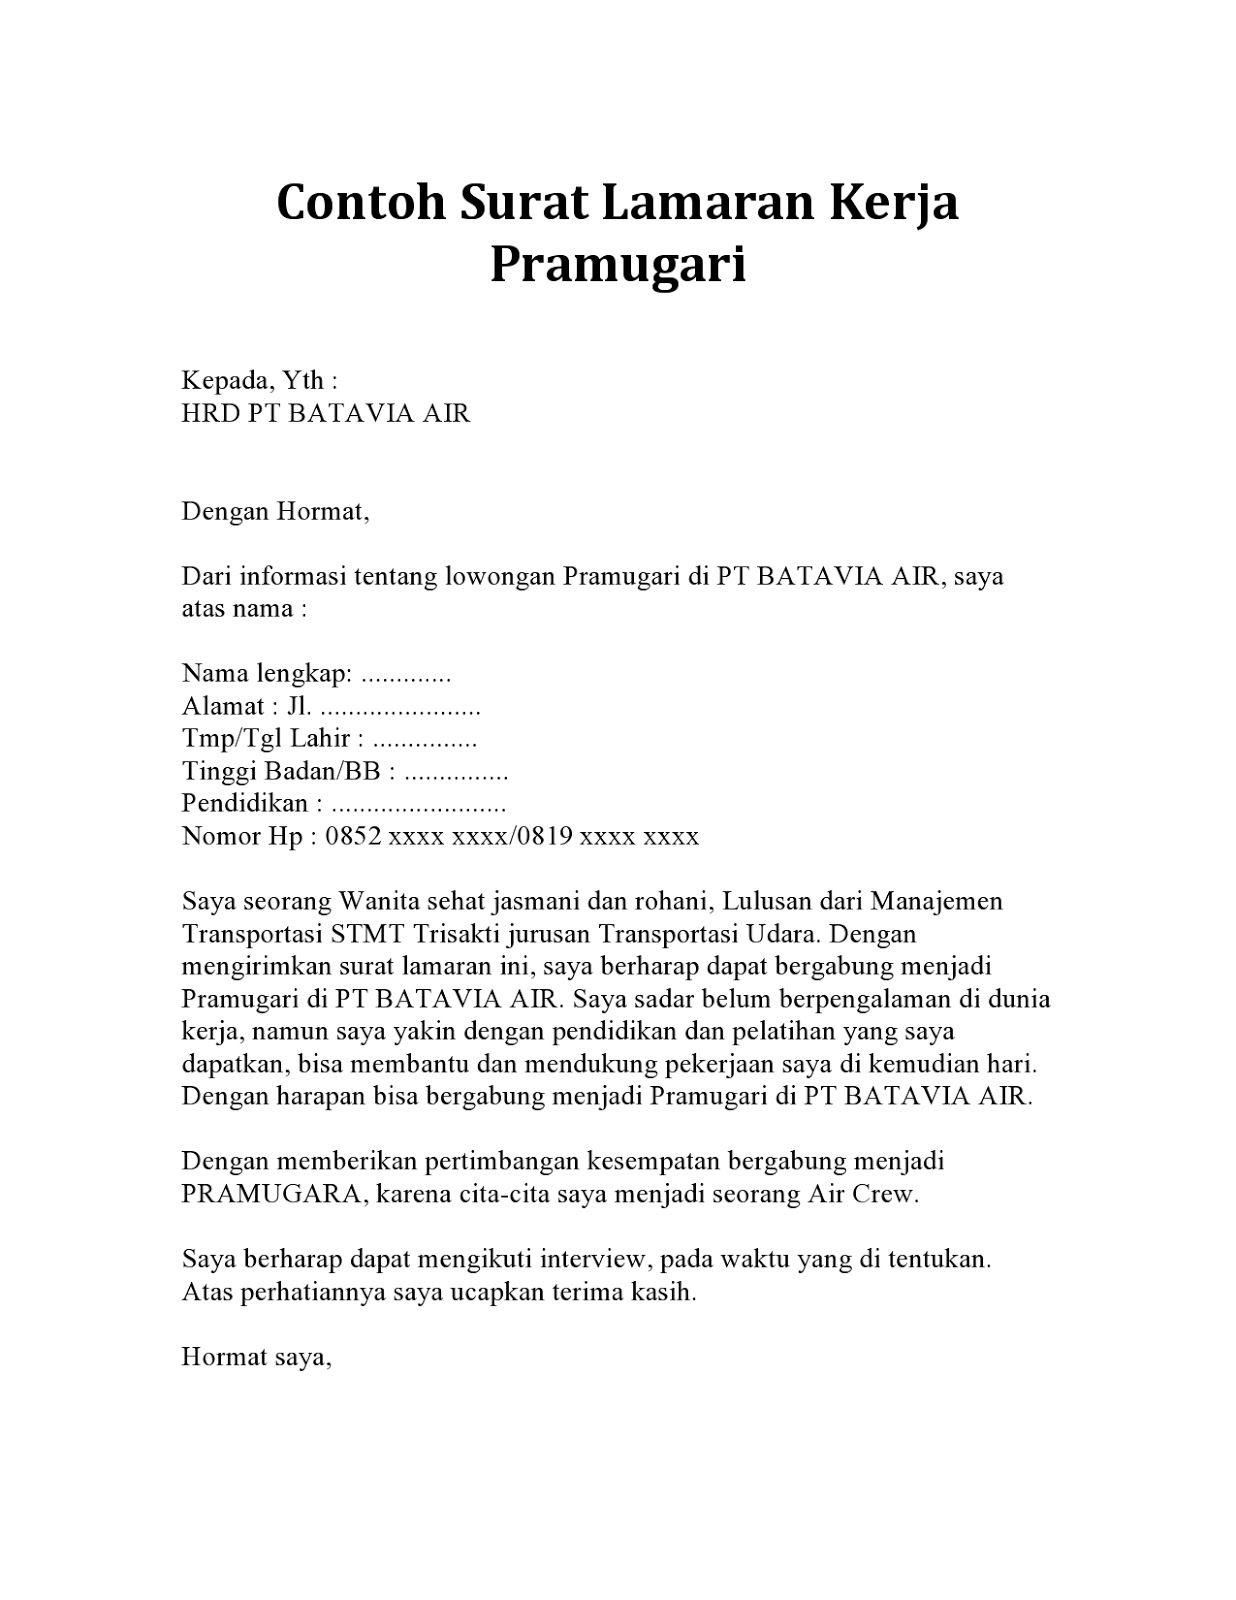 Contoh Surat Lamaran Pekerjaan Lulusan Smk Akuntansi Kumpulan Contoh Gambar Cute766